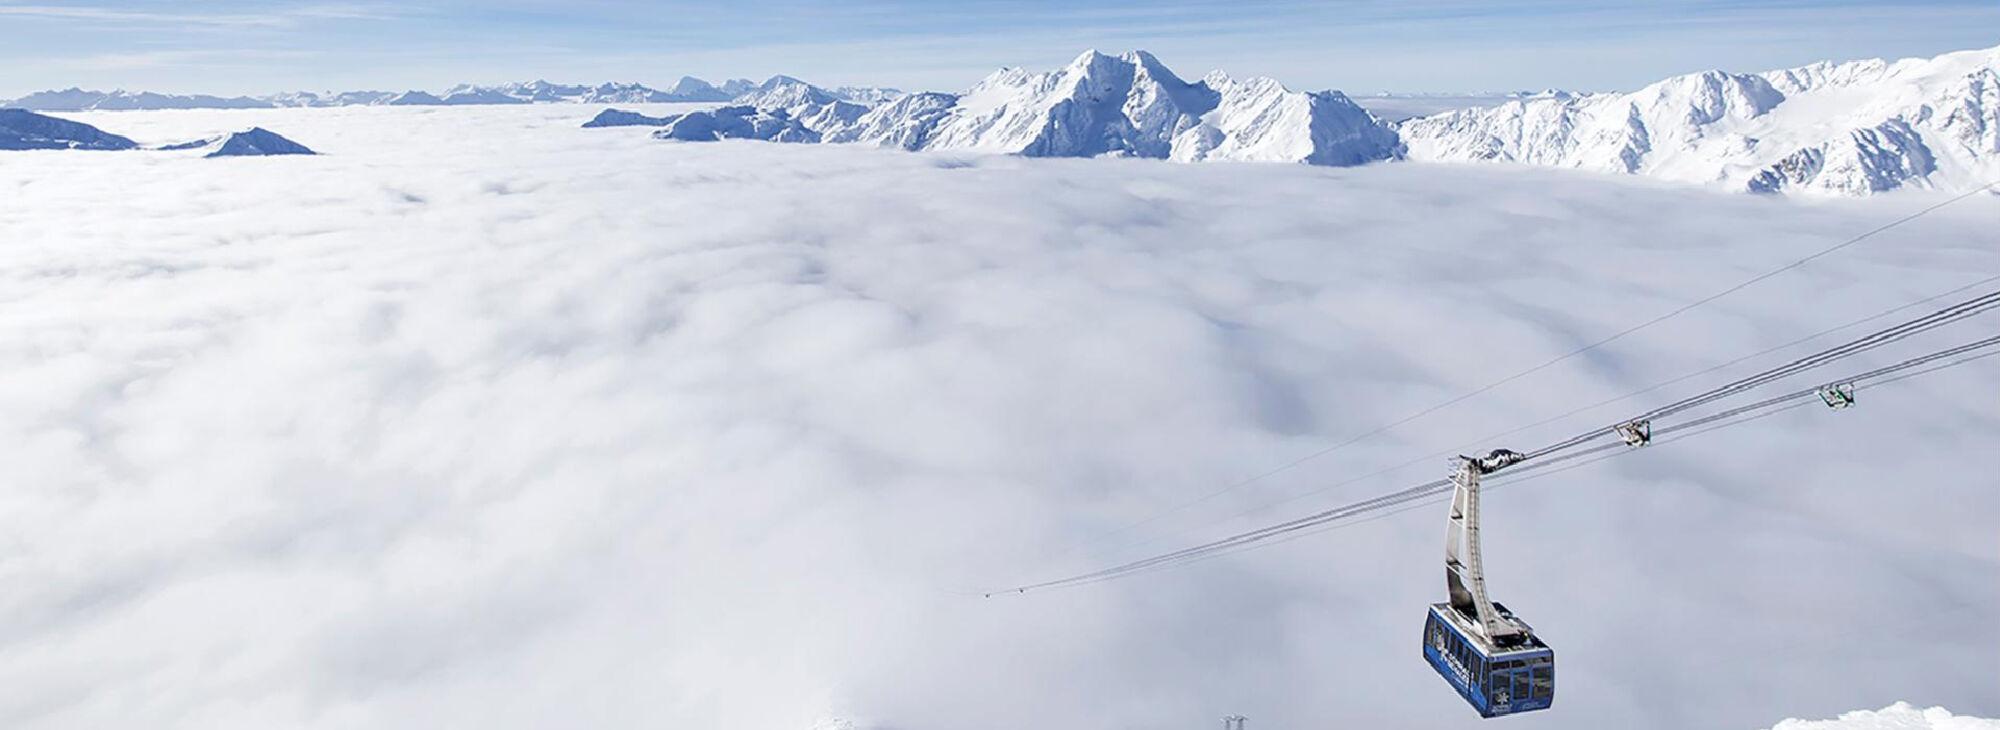 Wolkenmeer am Schnalstaler Gletscher